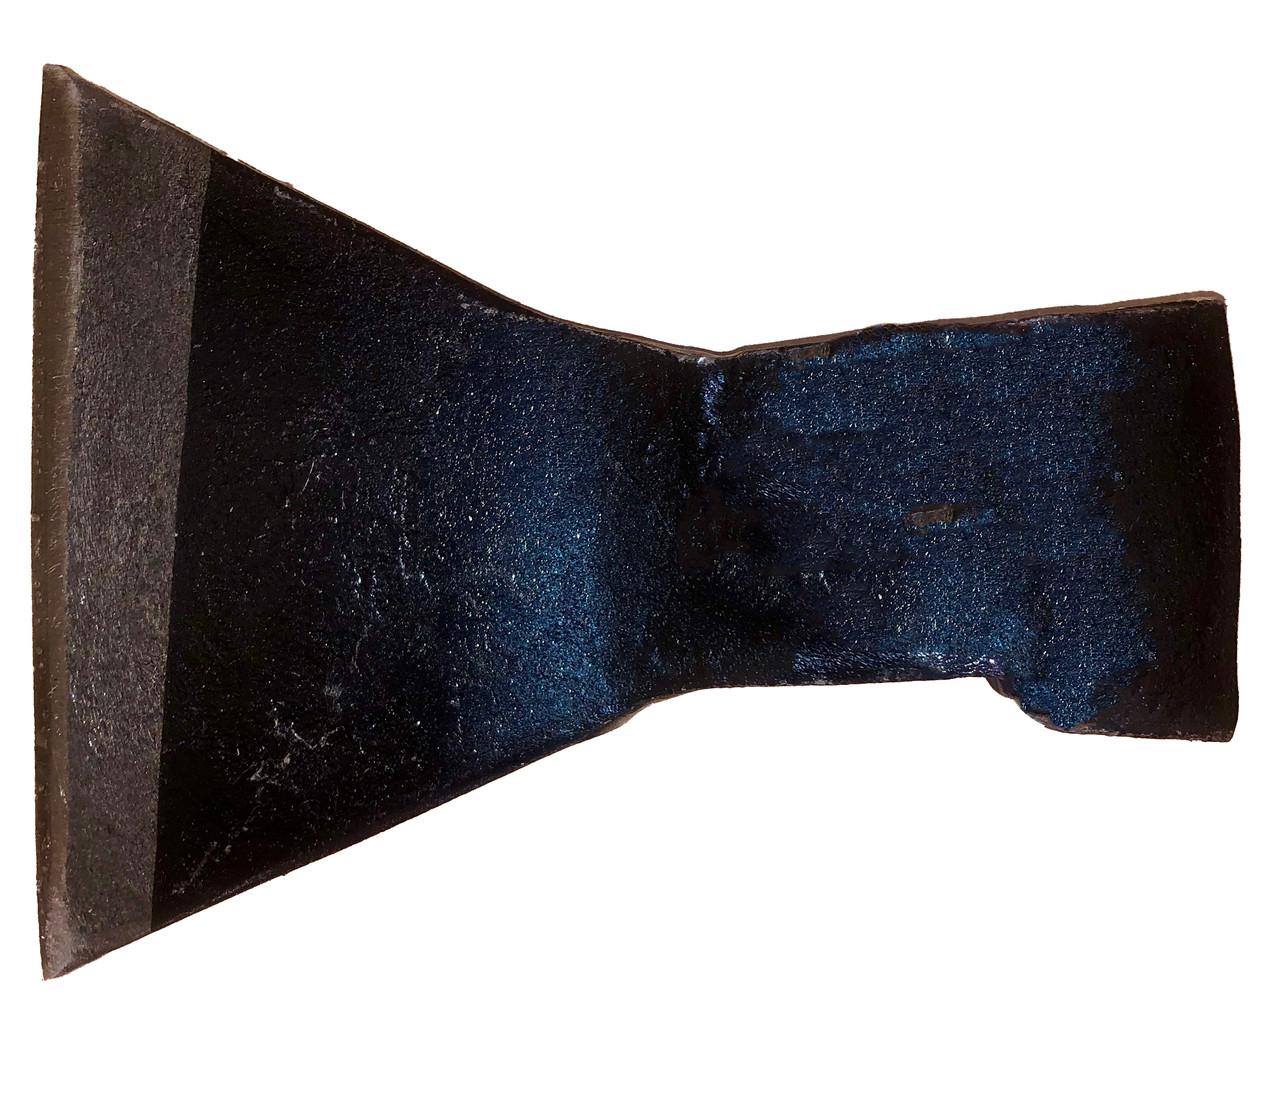 Сокира сталева без ручки, 1200г, ІЖ